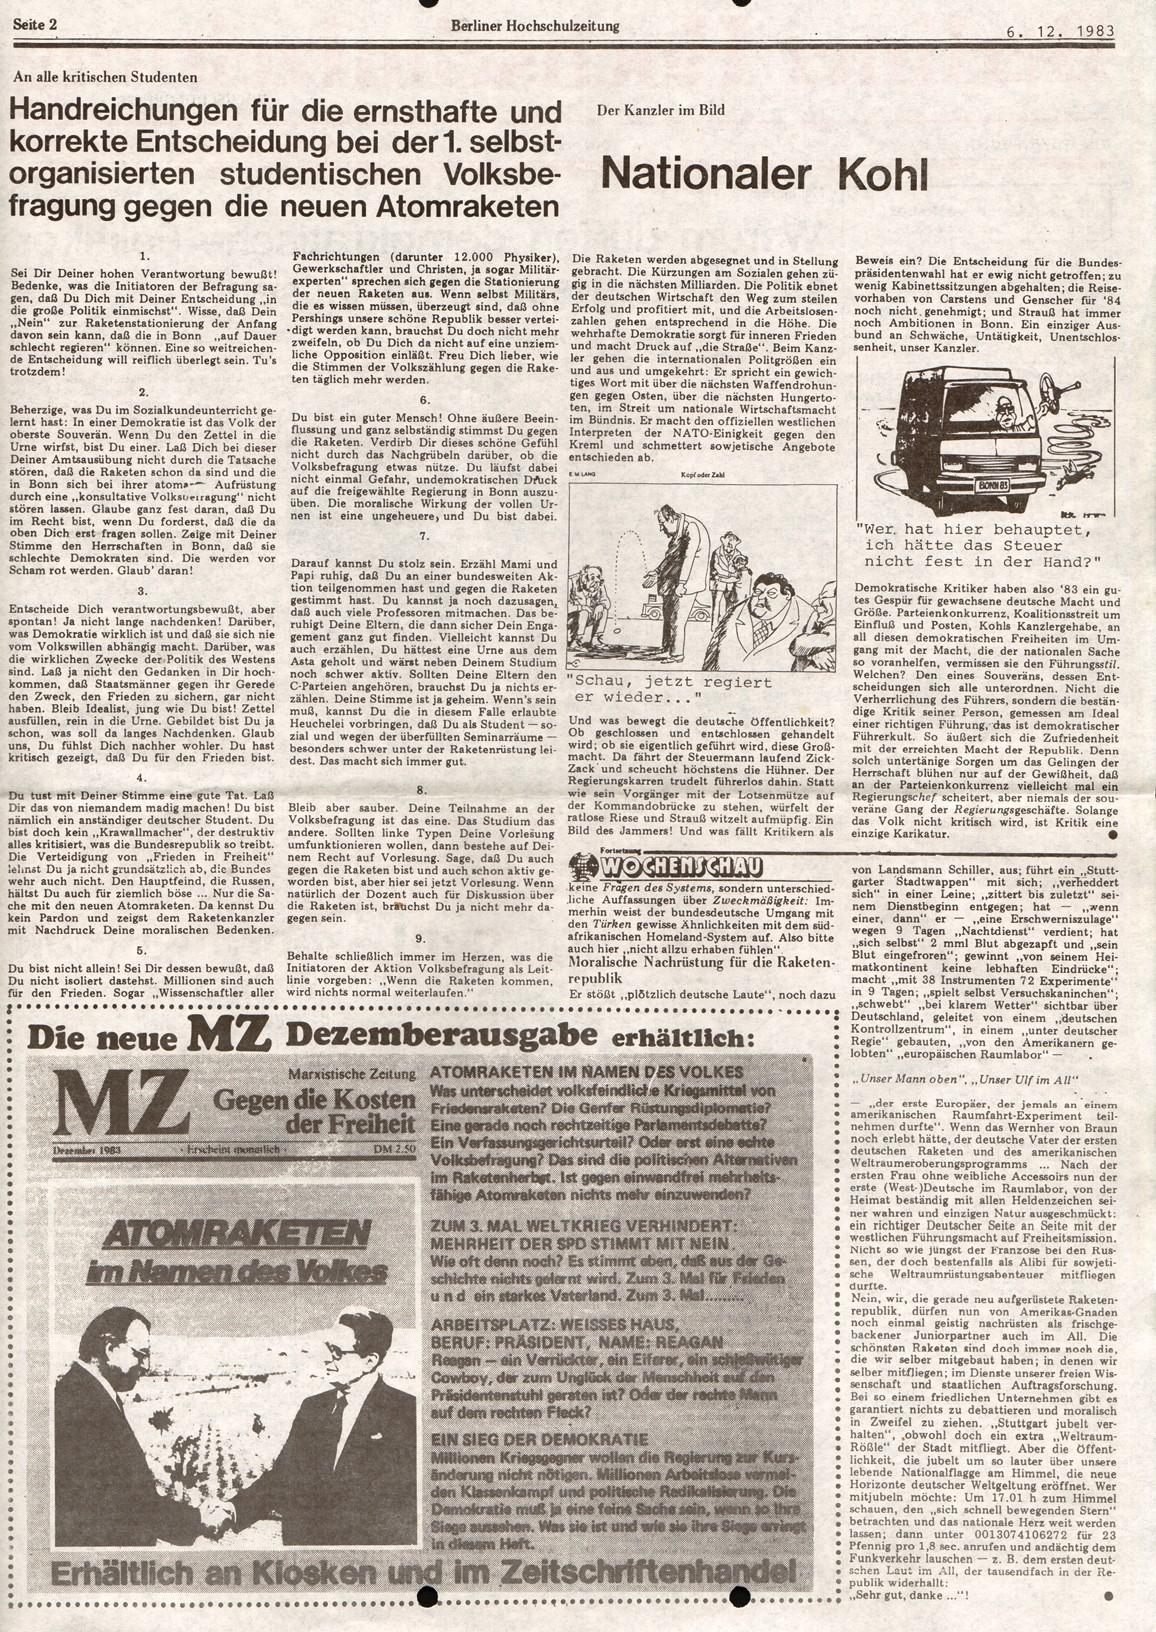 Berlin_MG_Hochschulzeitung_19831206_02